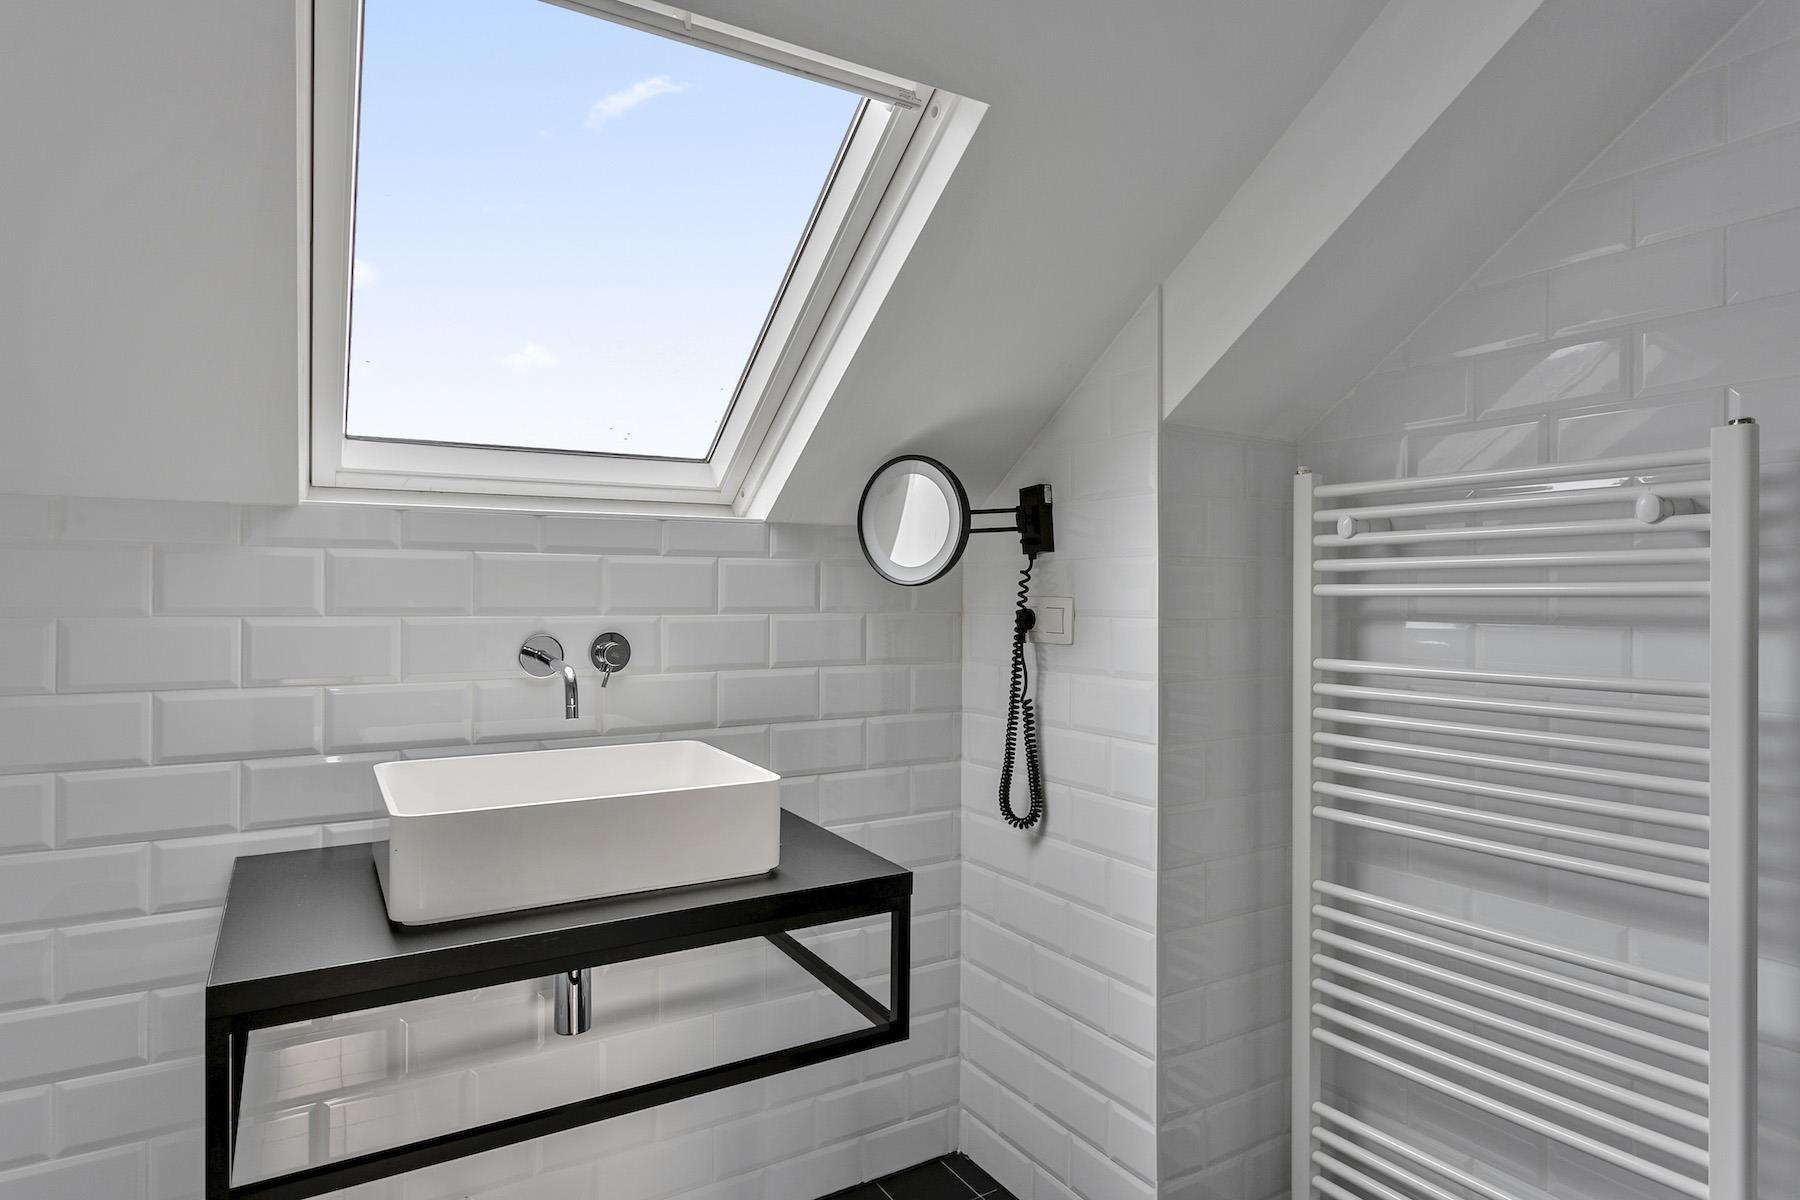 Makelaarskantoor De Meester, Appartement|Duplex te 2000 Antwerpen